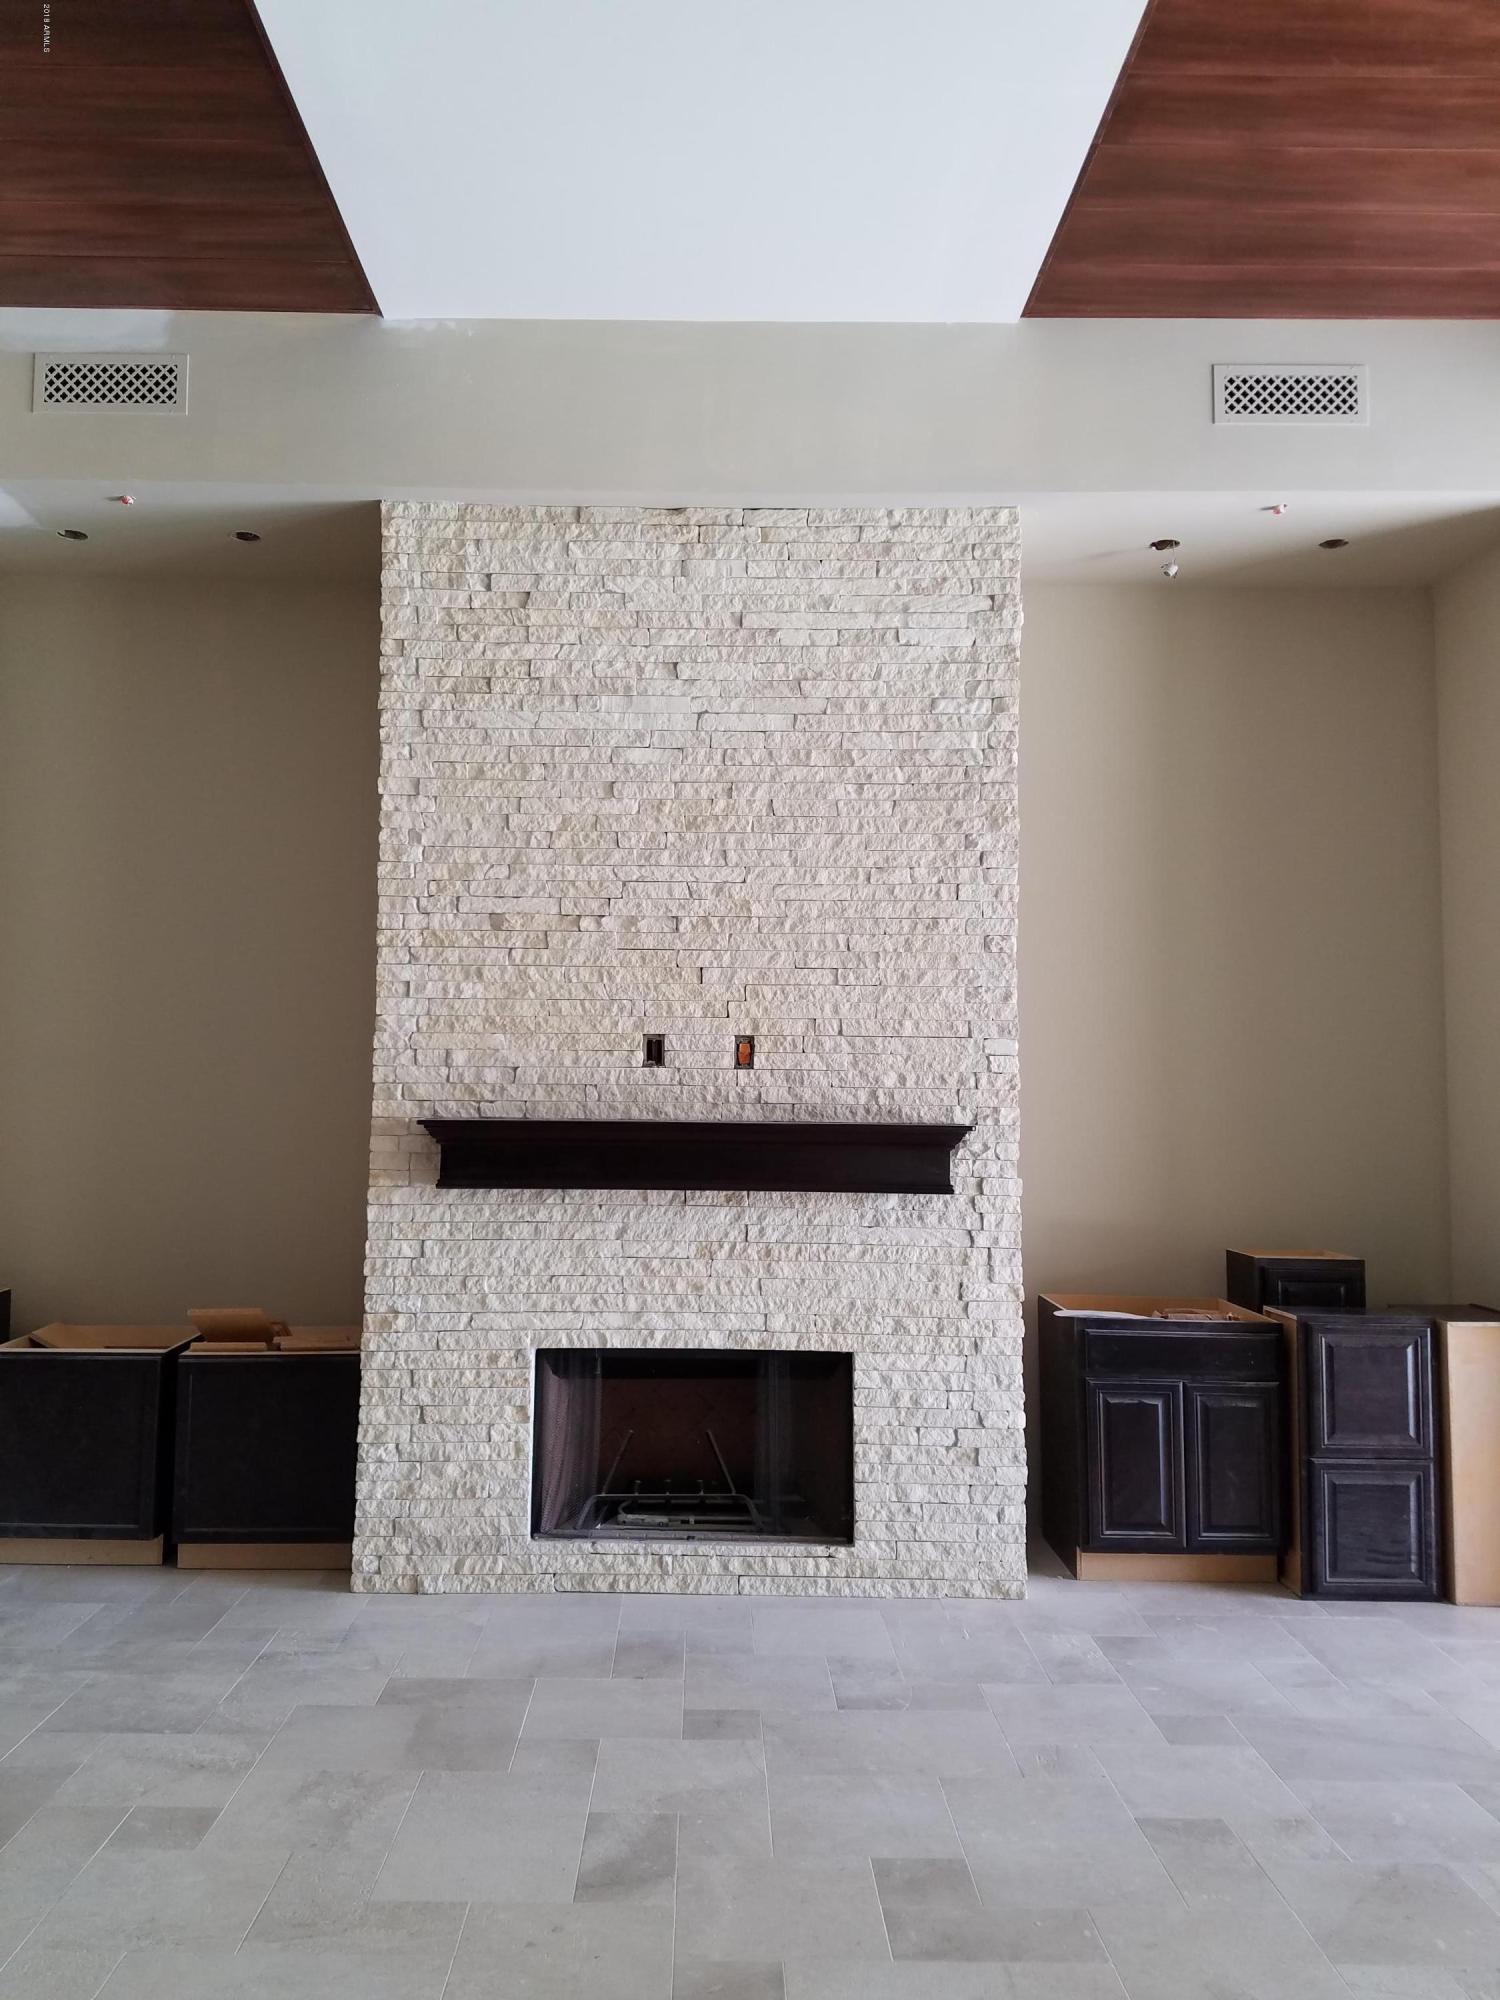 29443 N 108TH Place Scottsdale, AZ 85262 - MLS #: 5501333